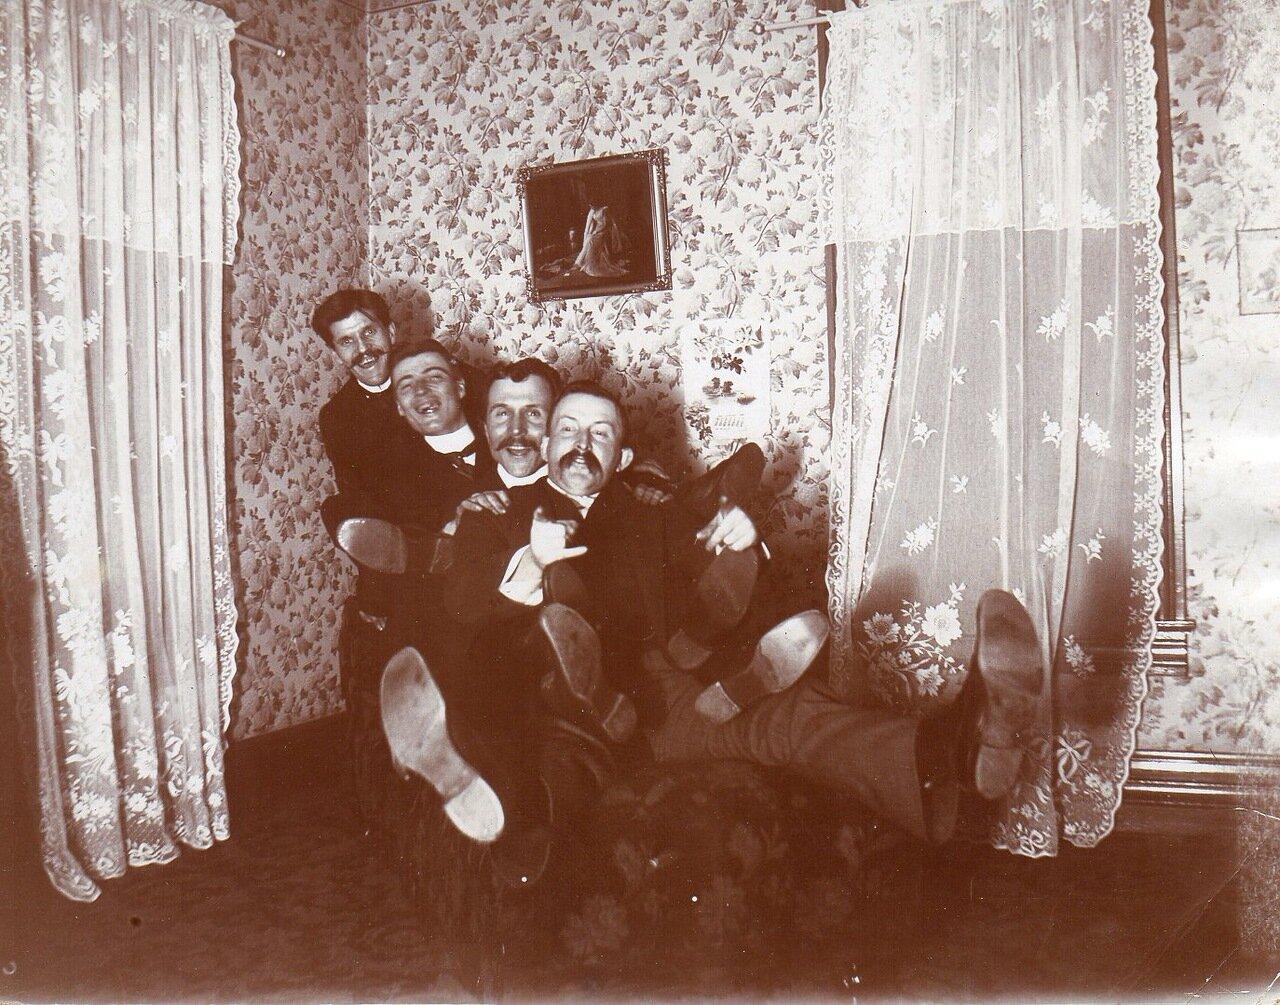 1901. Празднование Нового года в Пембервиле, Огайо